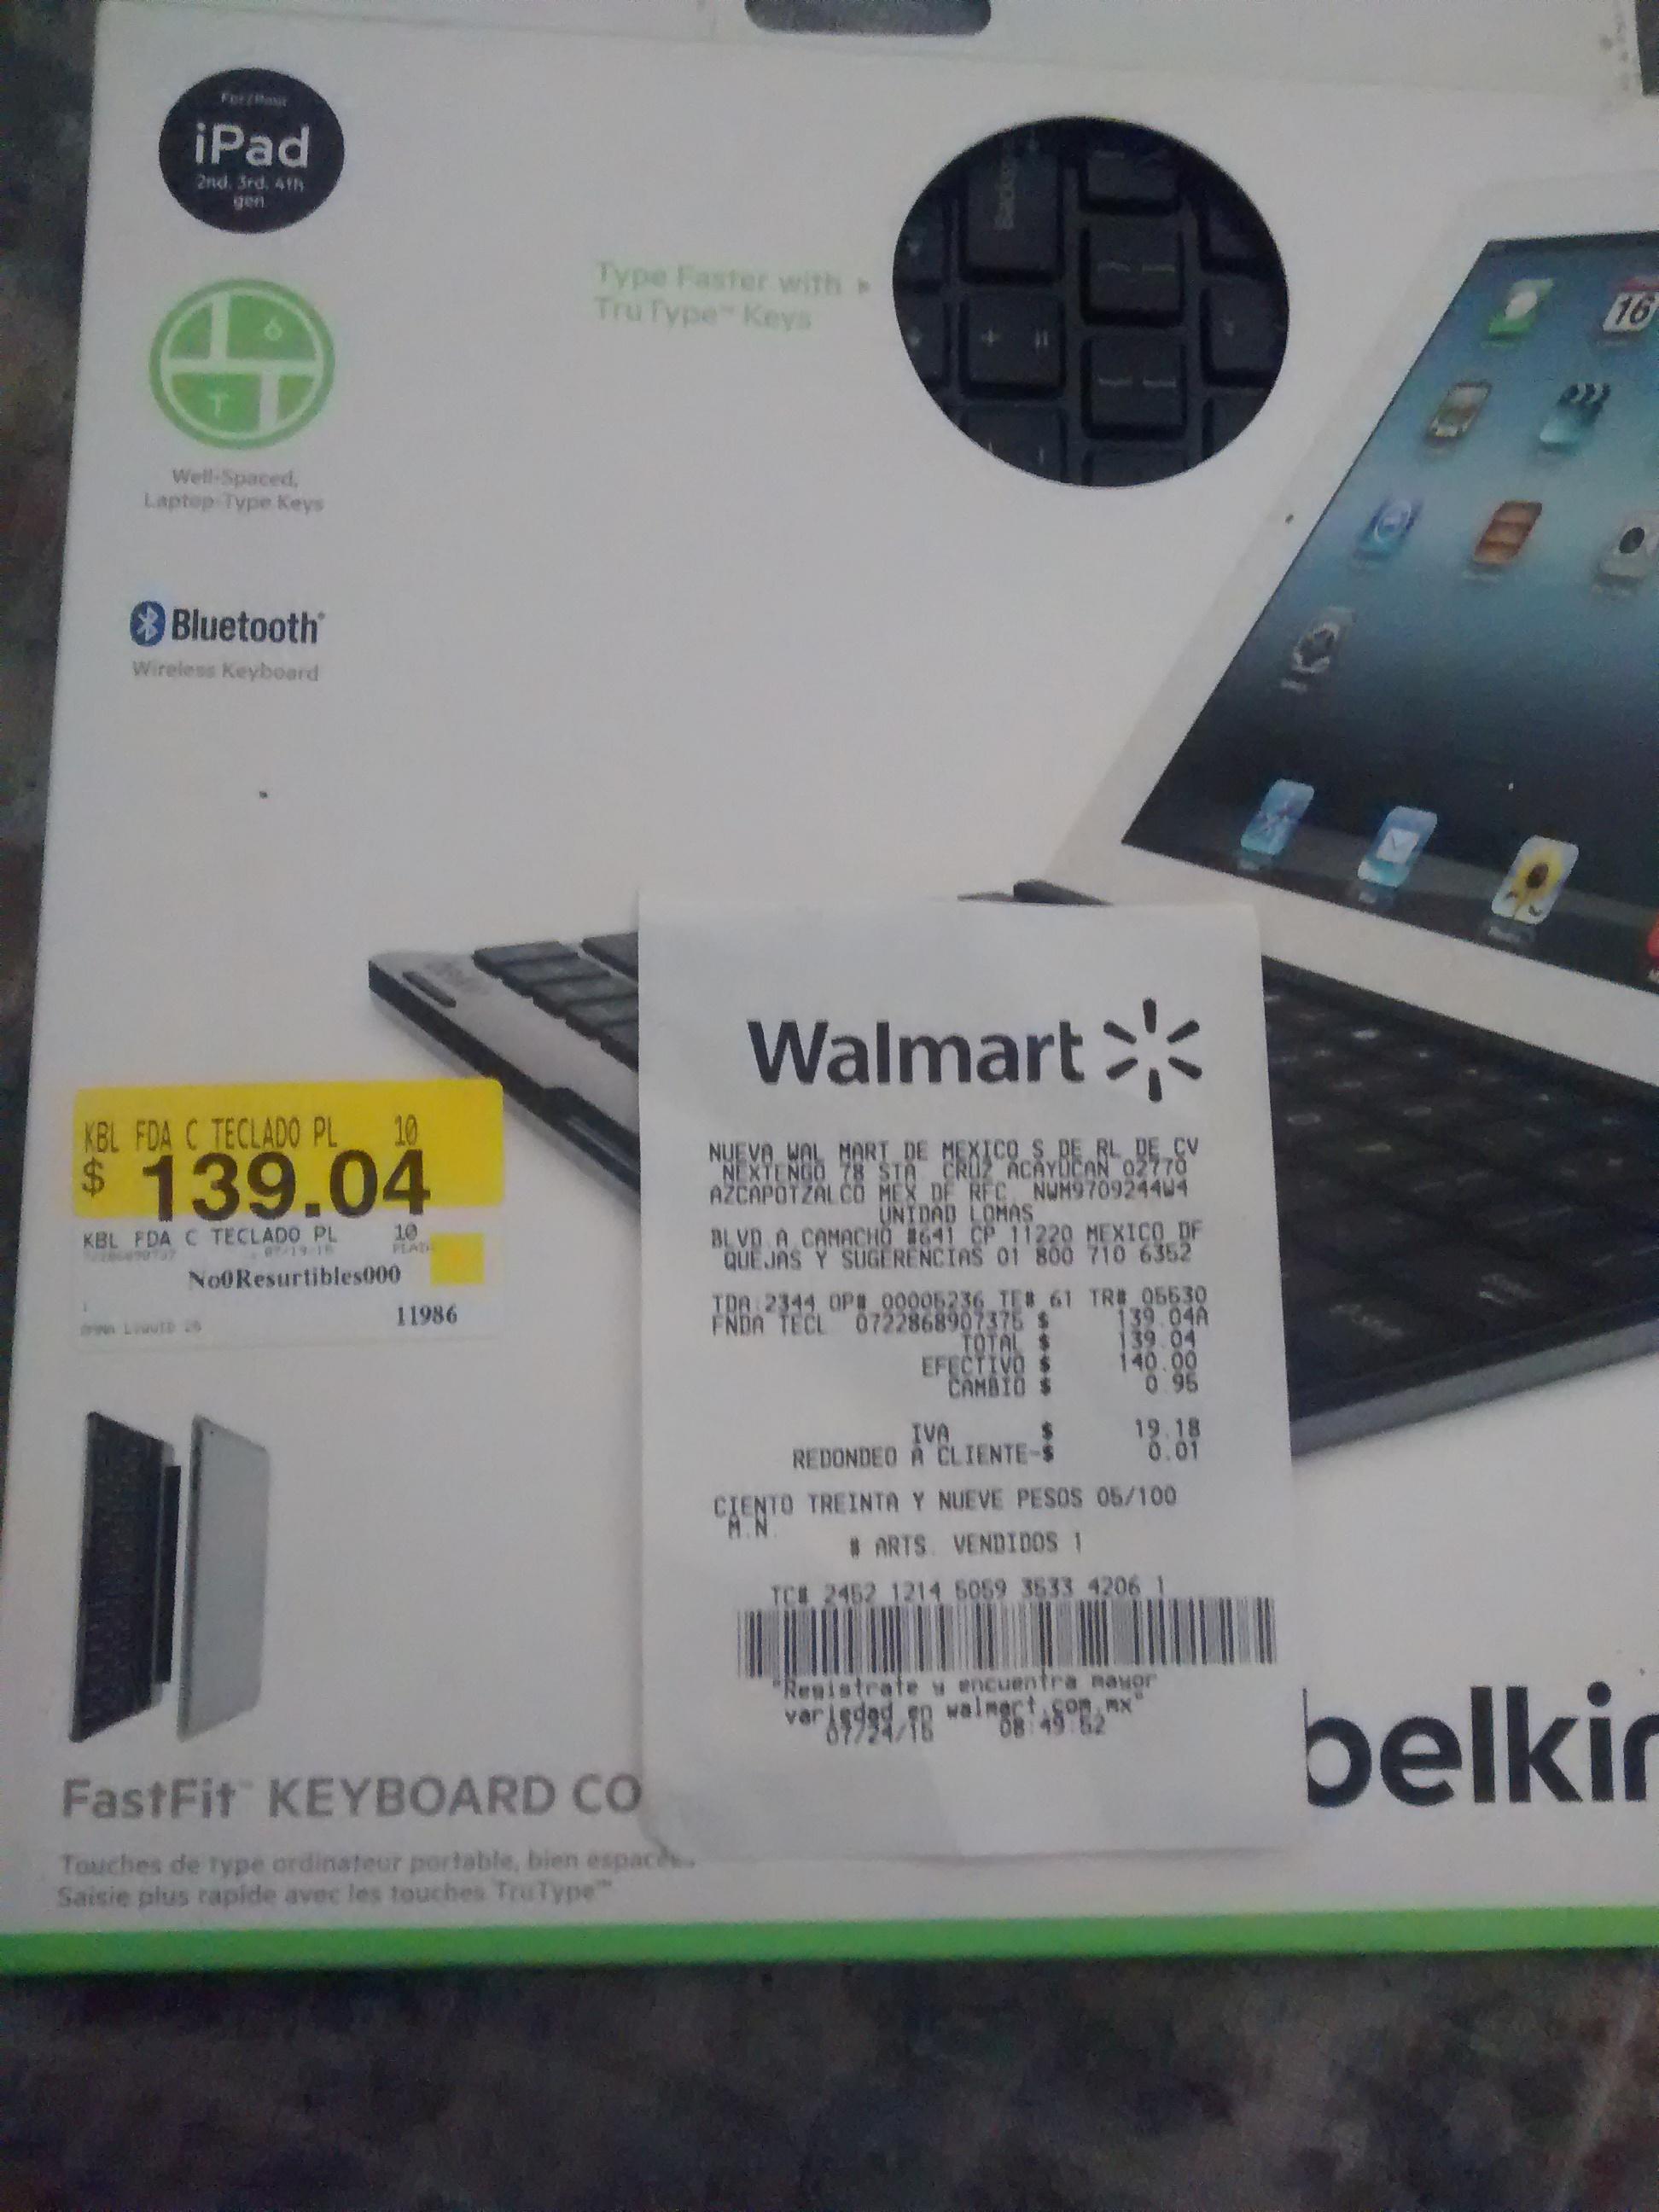 Walmart: TECLADO INALMBRICO PARA IPAD $139.04